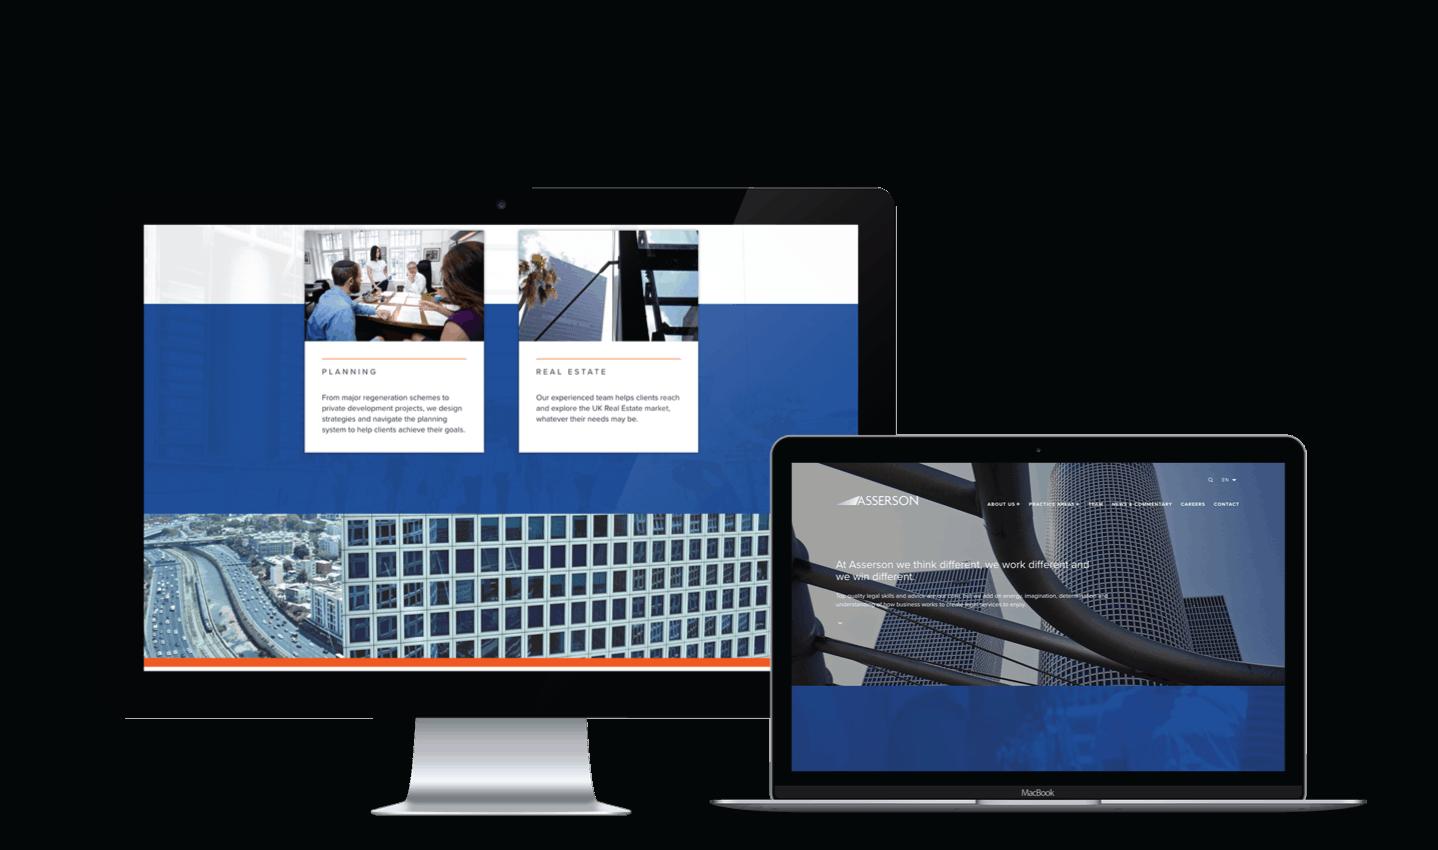 Asserson - natie-asserson-web-mockup - Natie Branding Agency